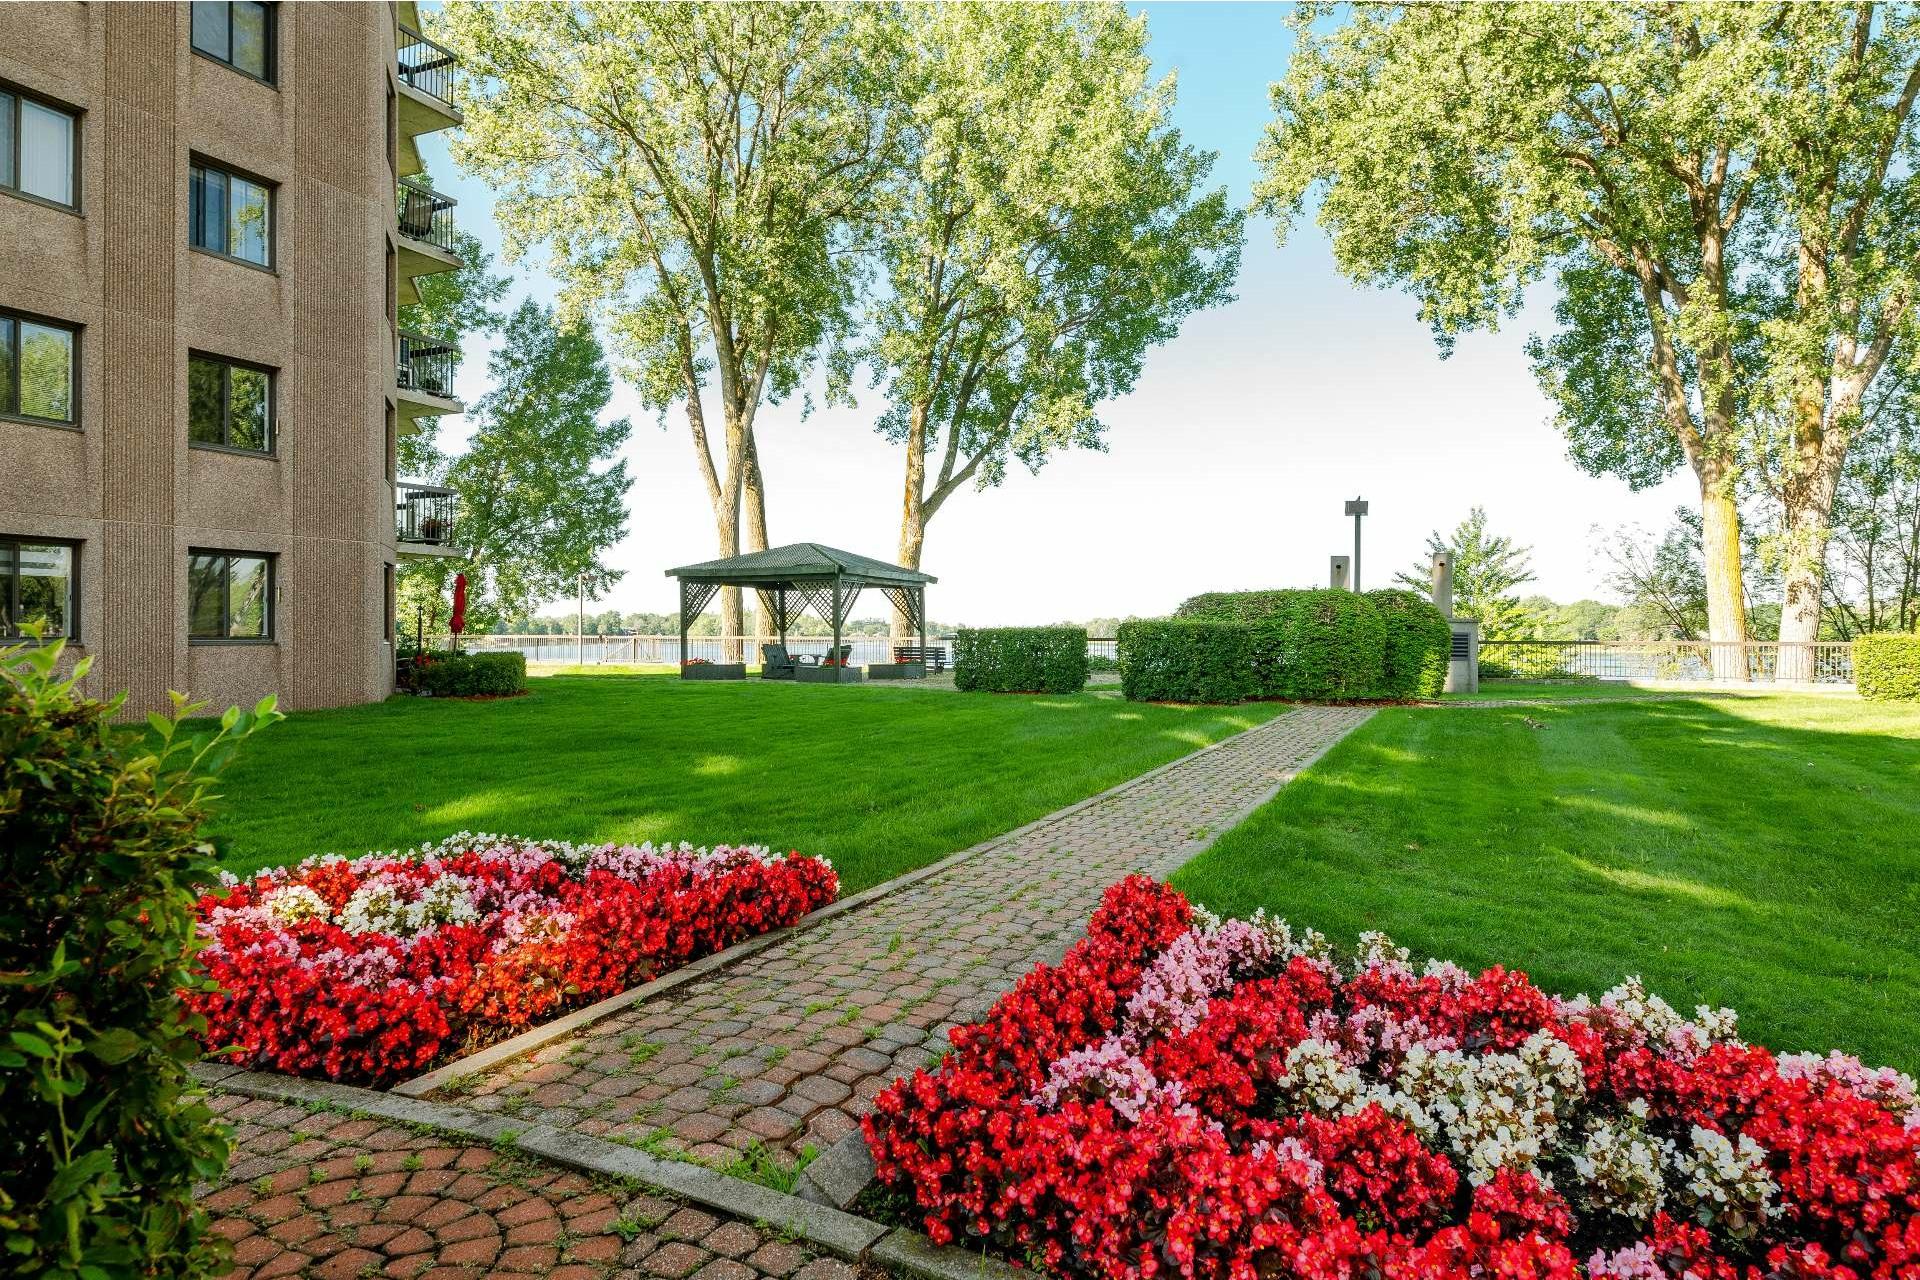 image 17 - Apartment For sale Pierrefonds-Roxboro Montréal  - 5 rooms